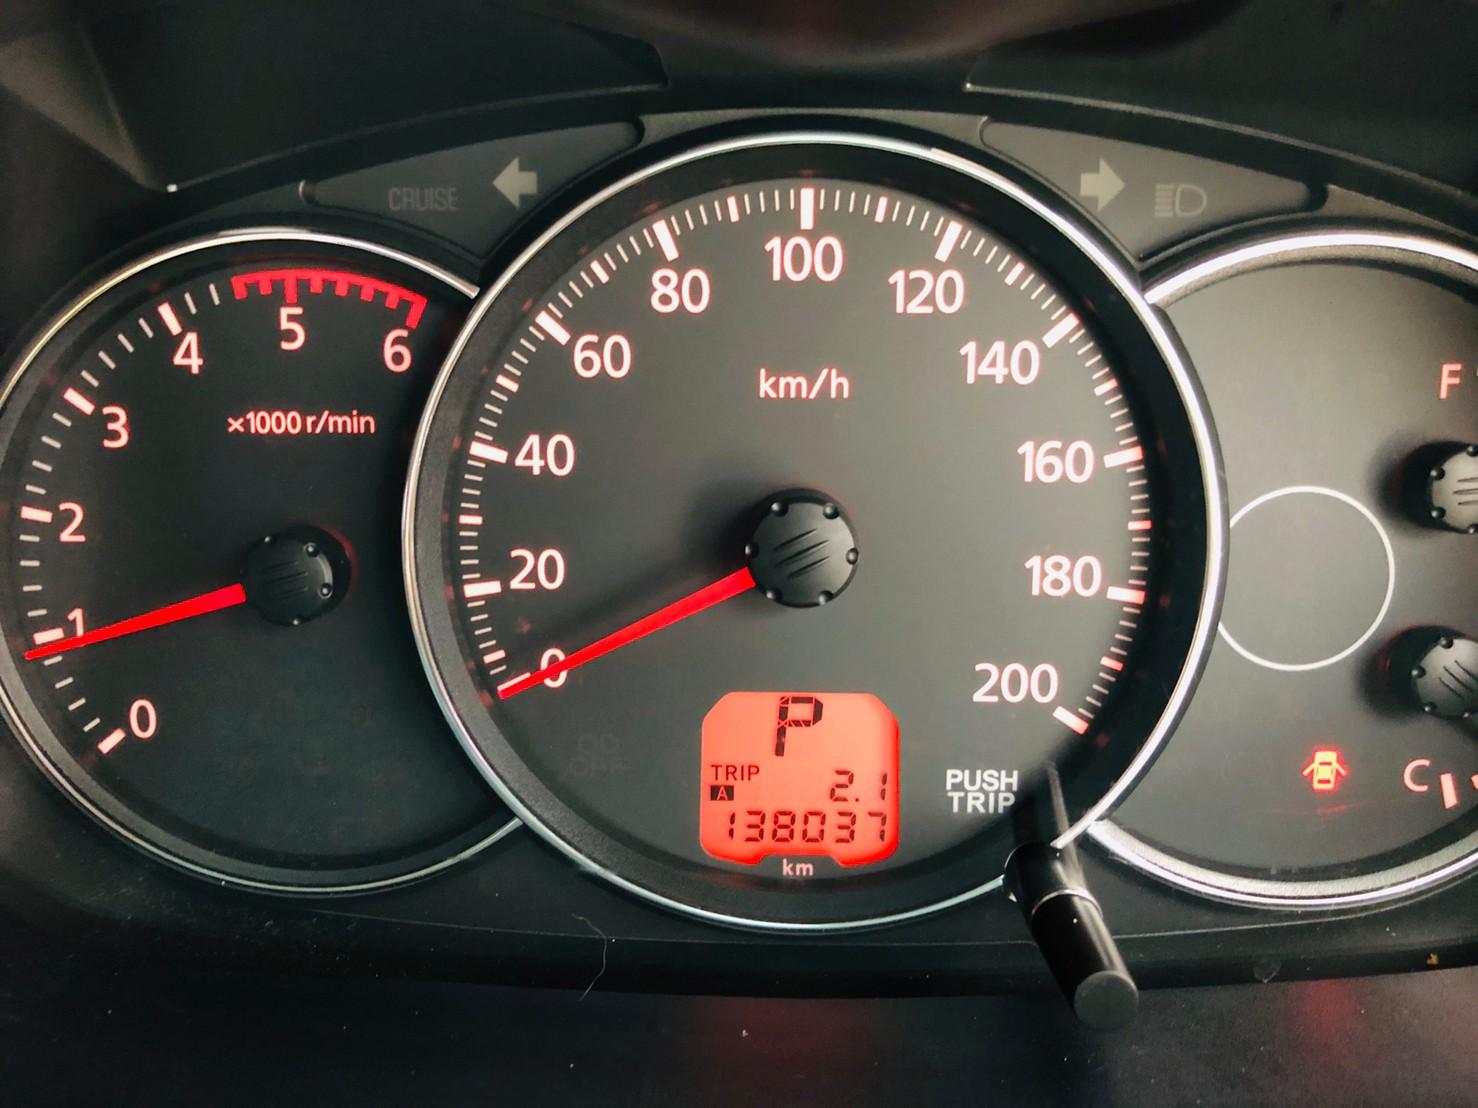 ภาพหน้าปัดเลขไมล์ มิตซูบิชิ ปาเจโร่ สปอร์ต 2.5 GT 2WD ปี 2013